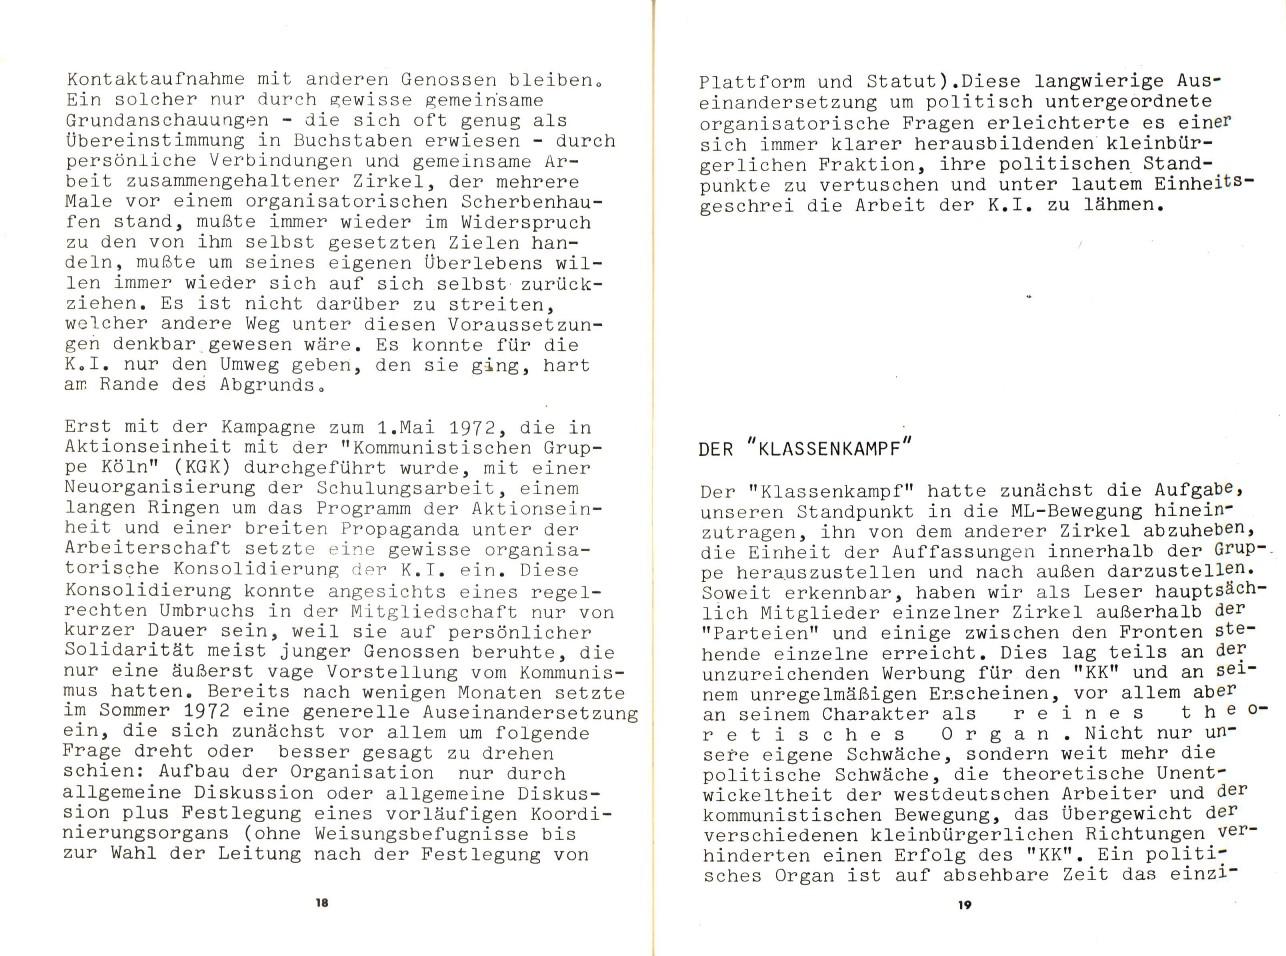 Koeln_KI_1974_Kleinbuergerei_11